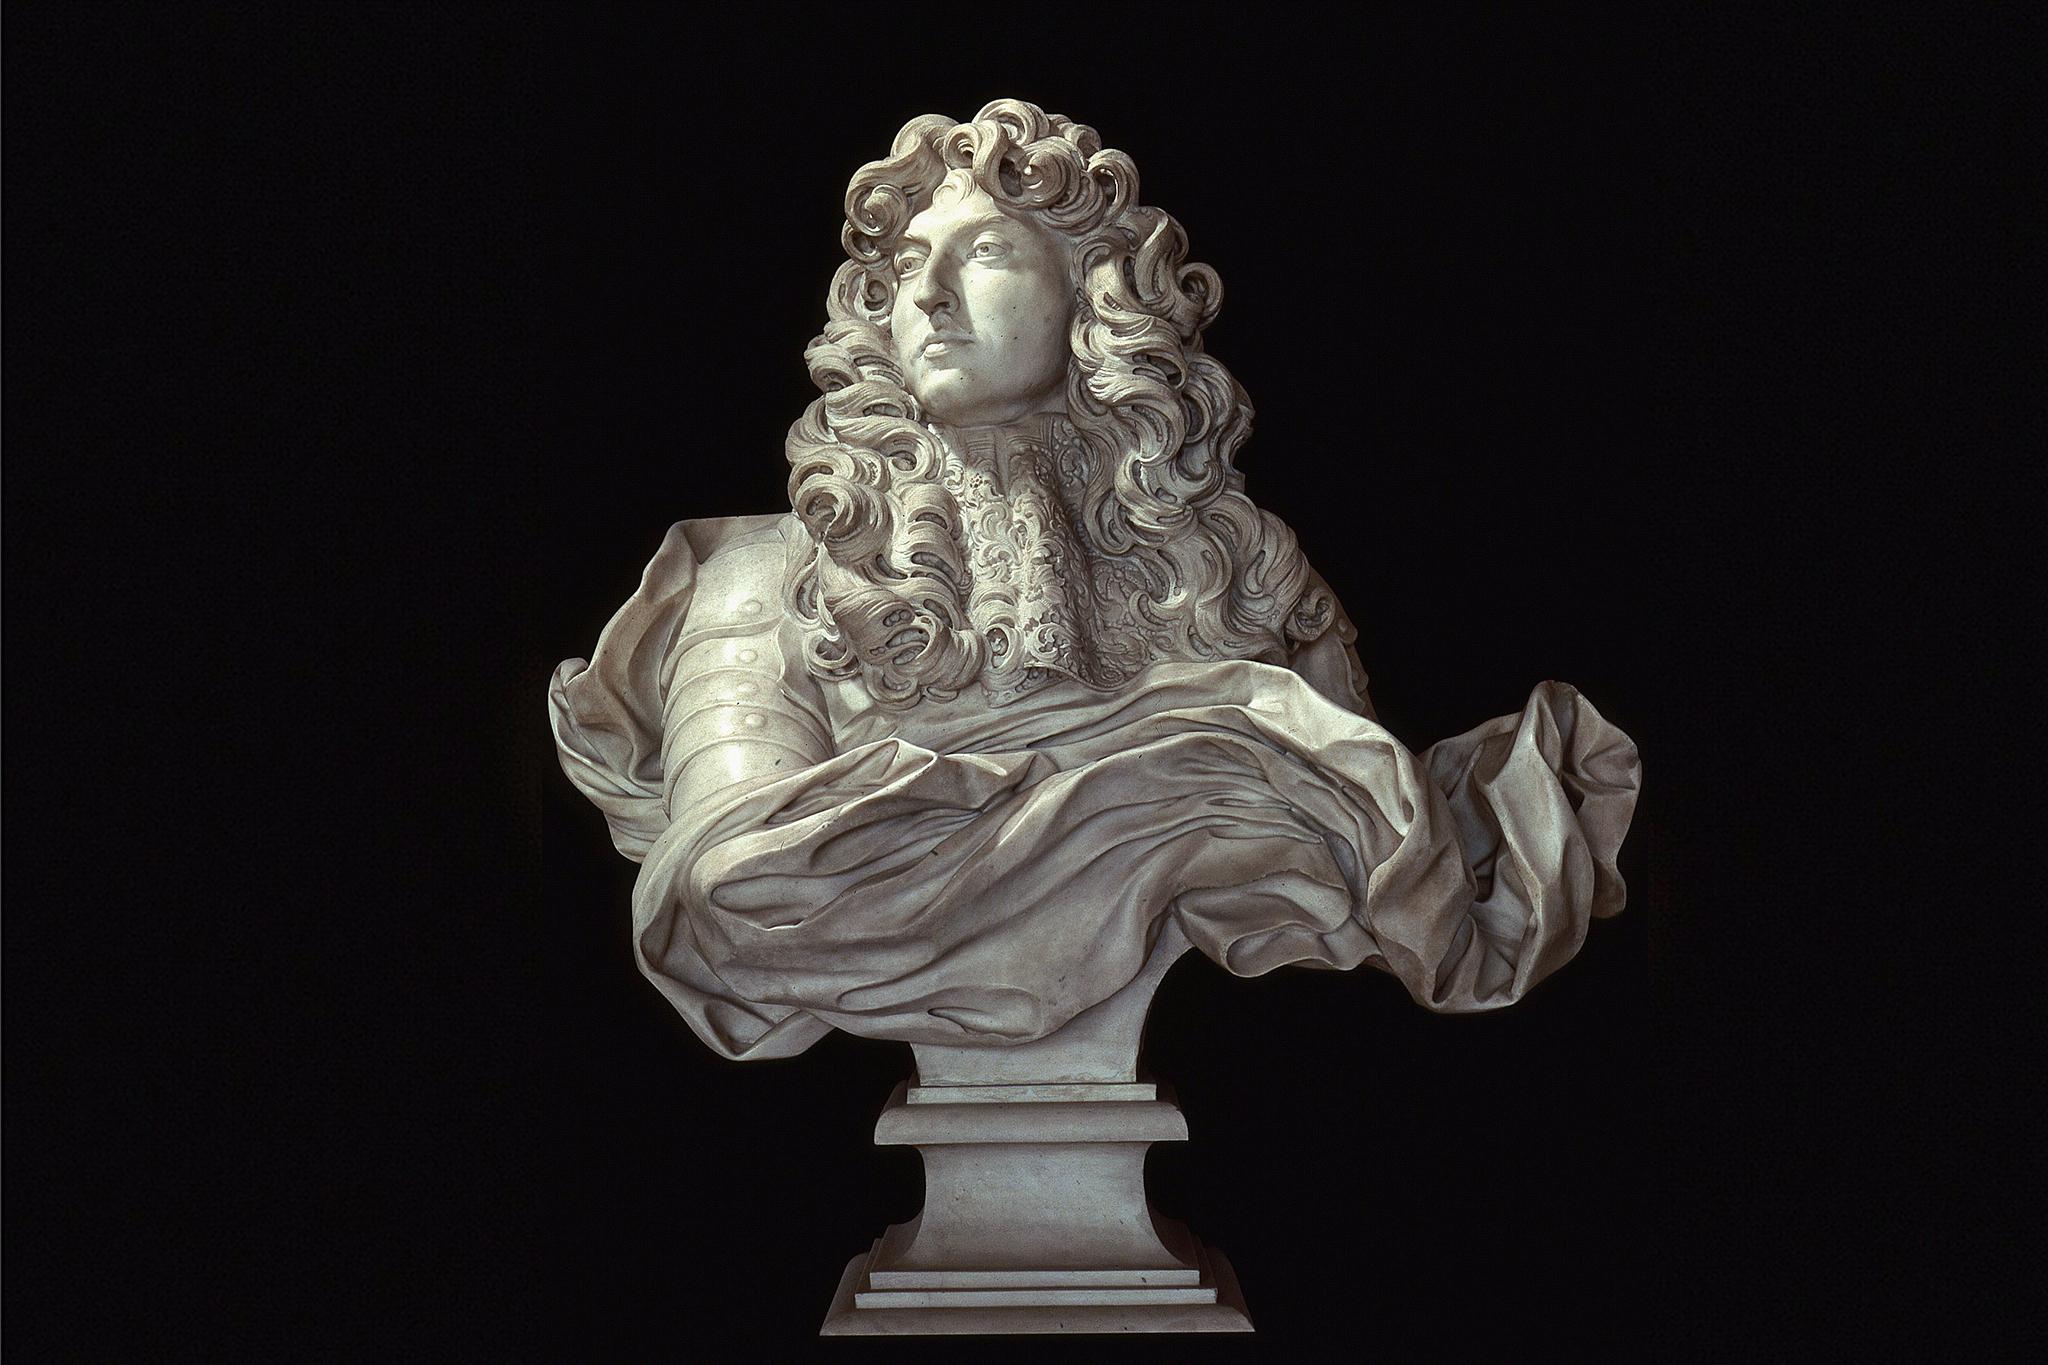 Gian Lorenzo Bernini, Bust of Louis XIV, 1665